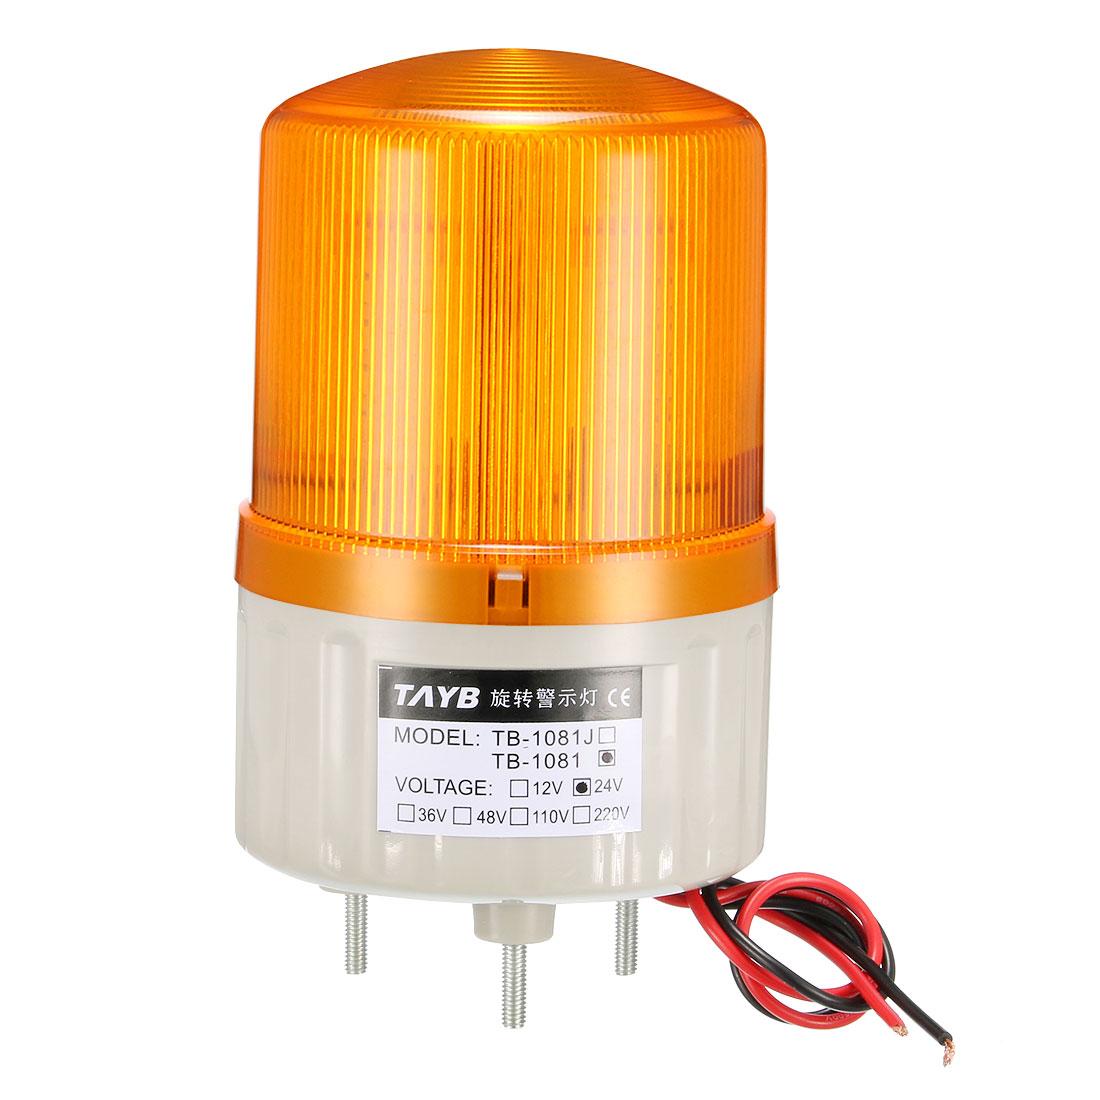 LED Warning Light Bulb Bright Industrial Alarm Lamp DC24V Yellow TB-1081